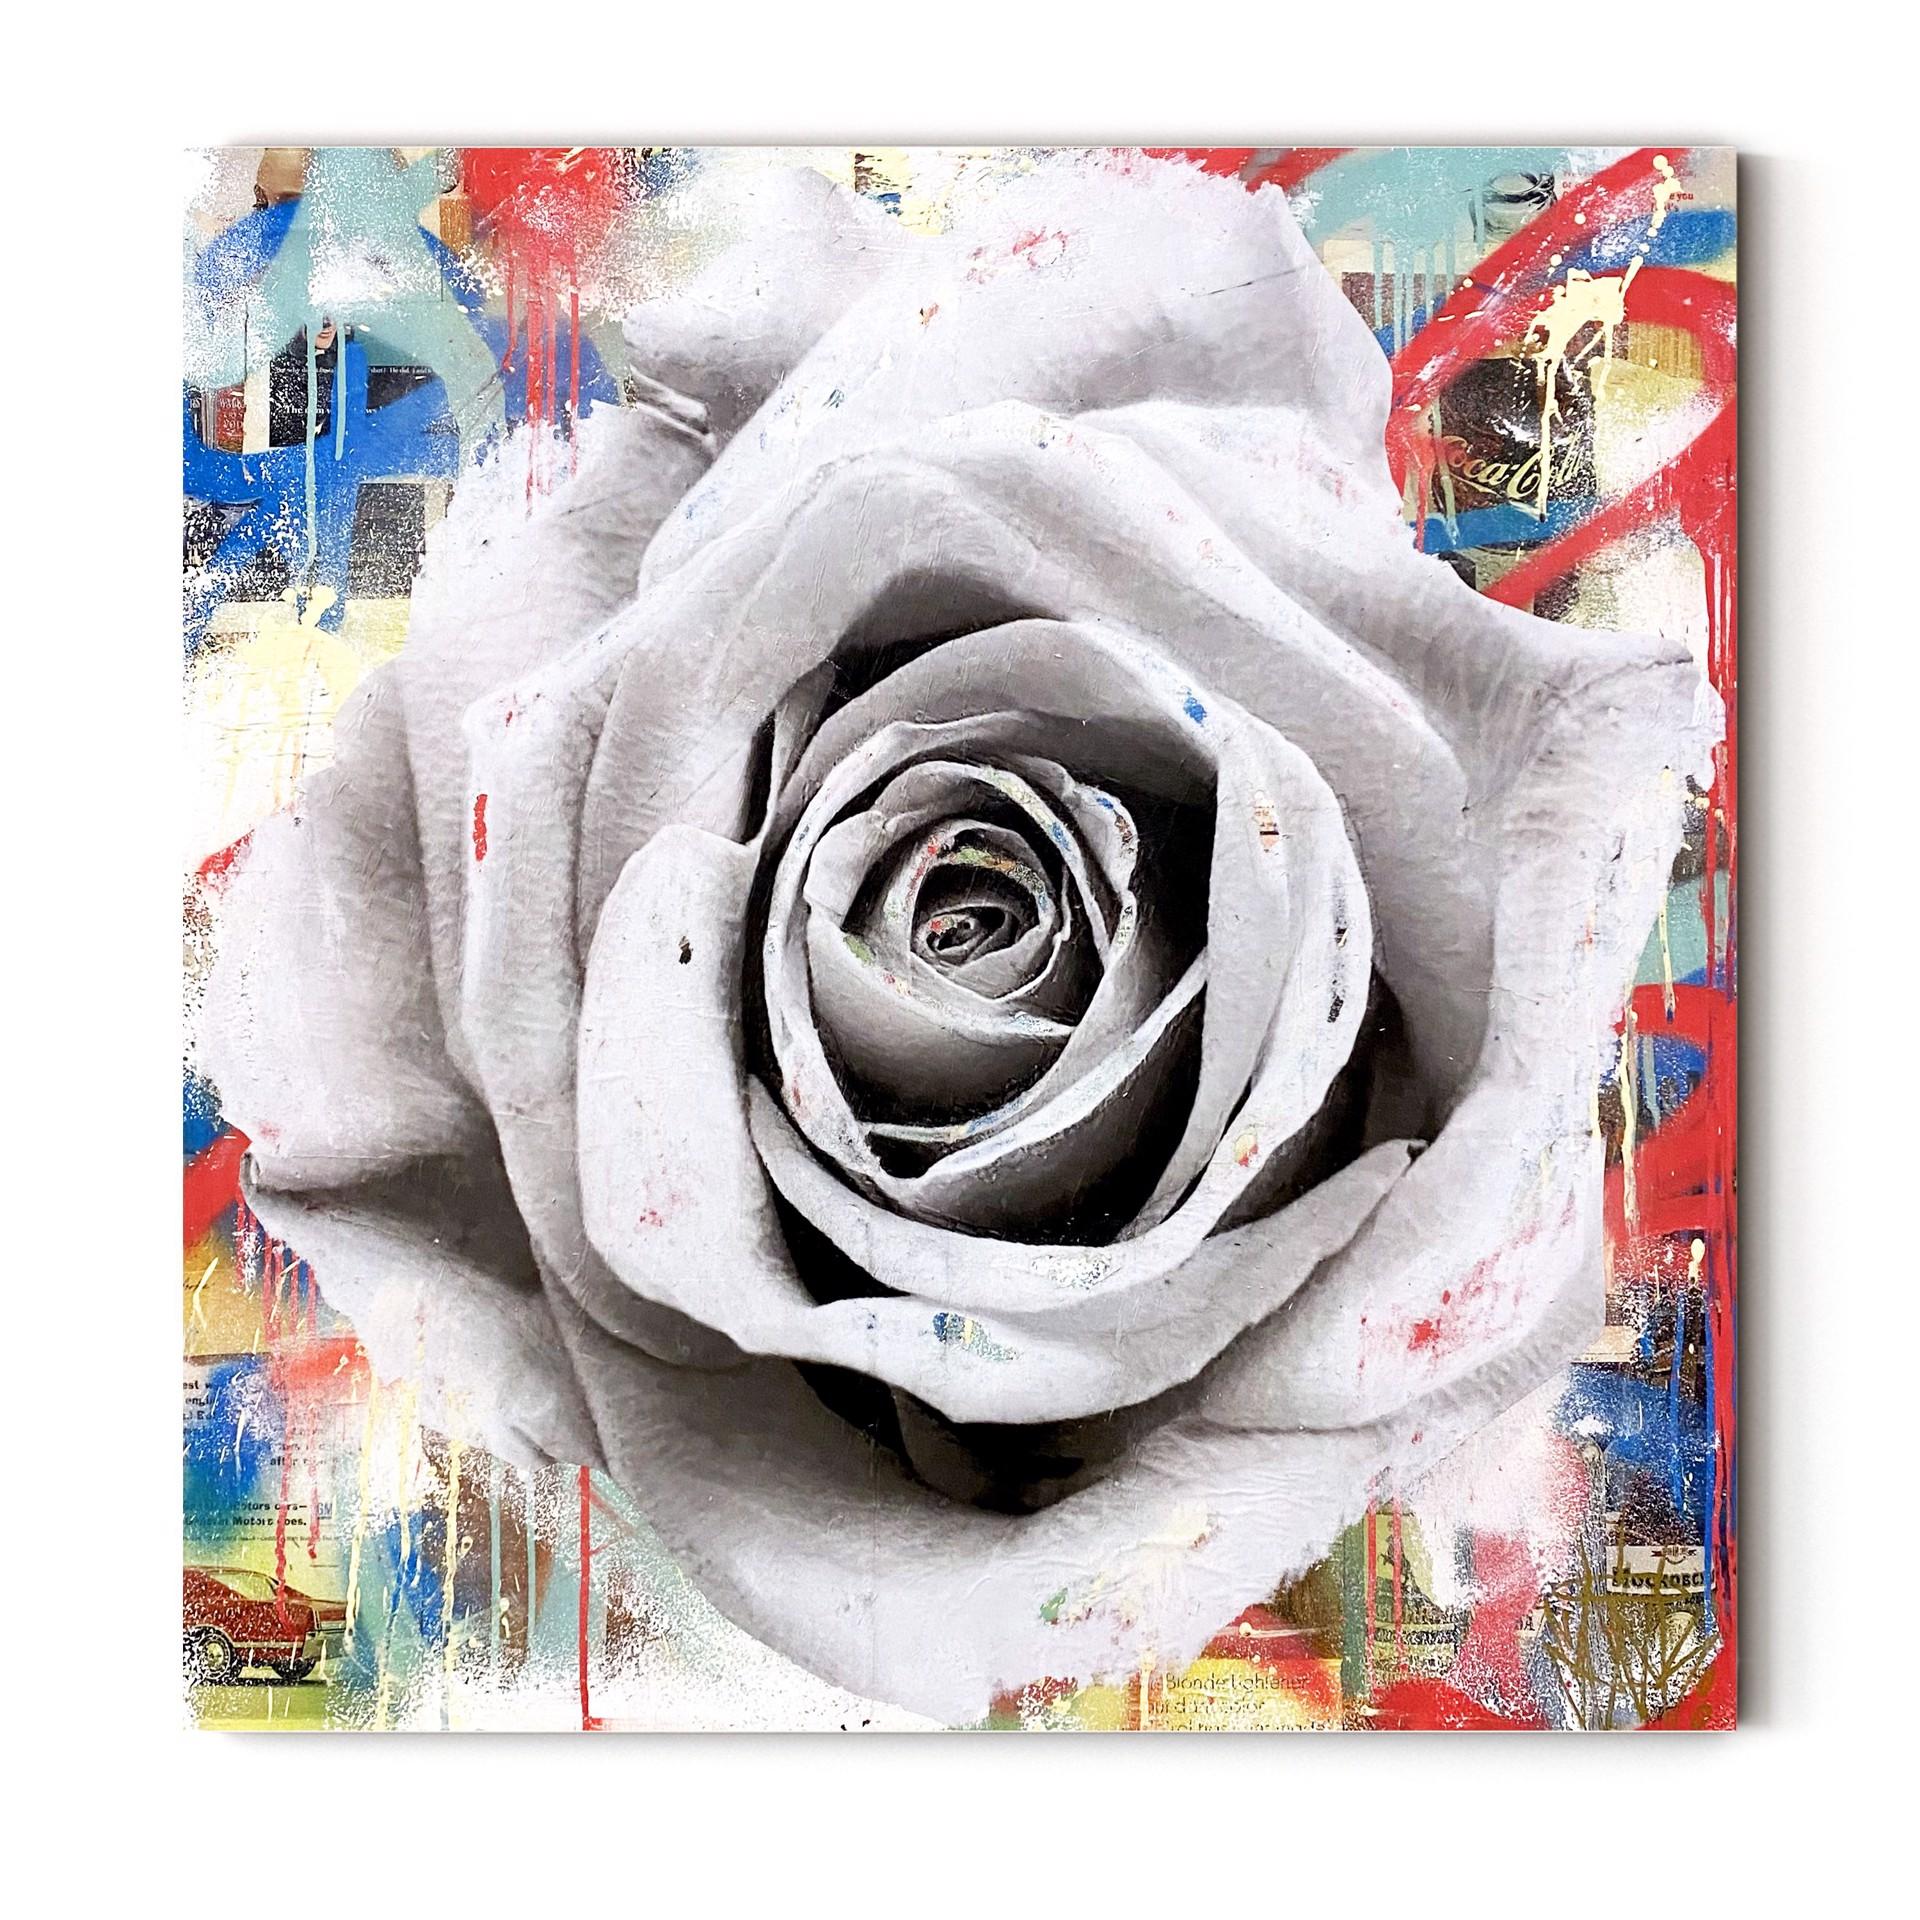 Rose by Seek One